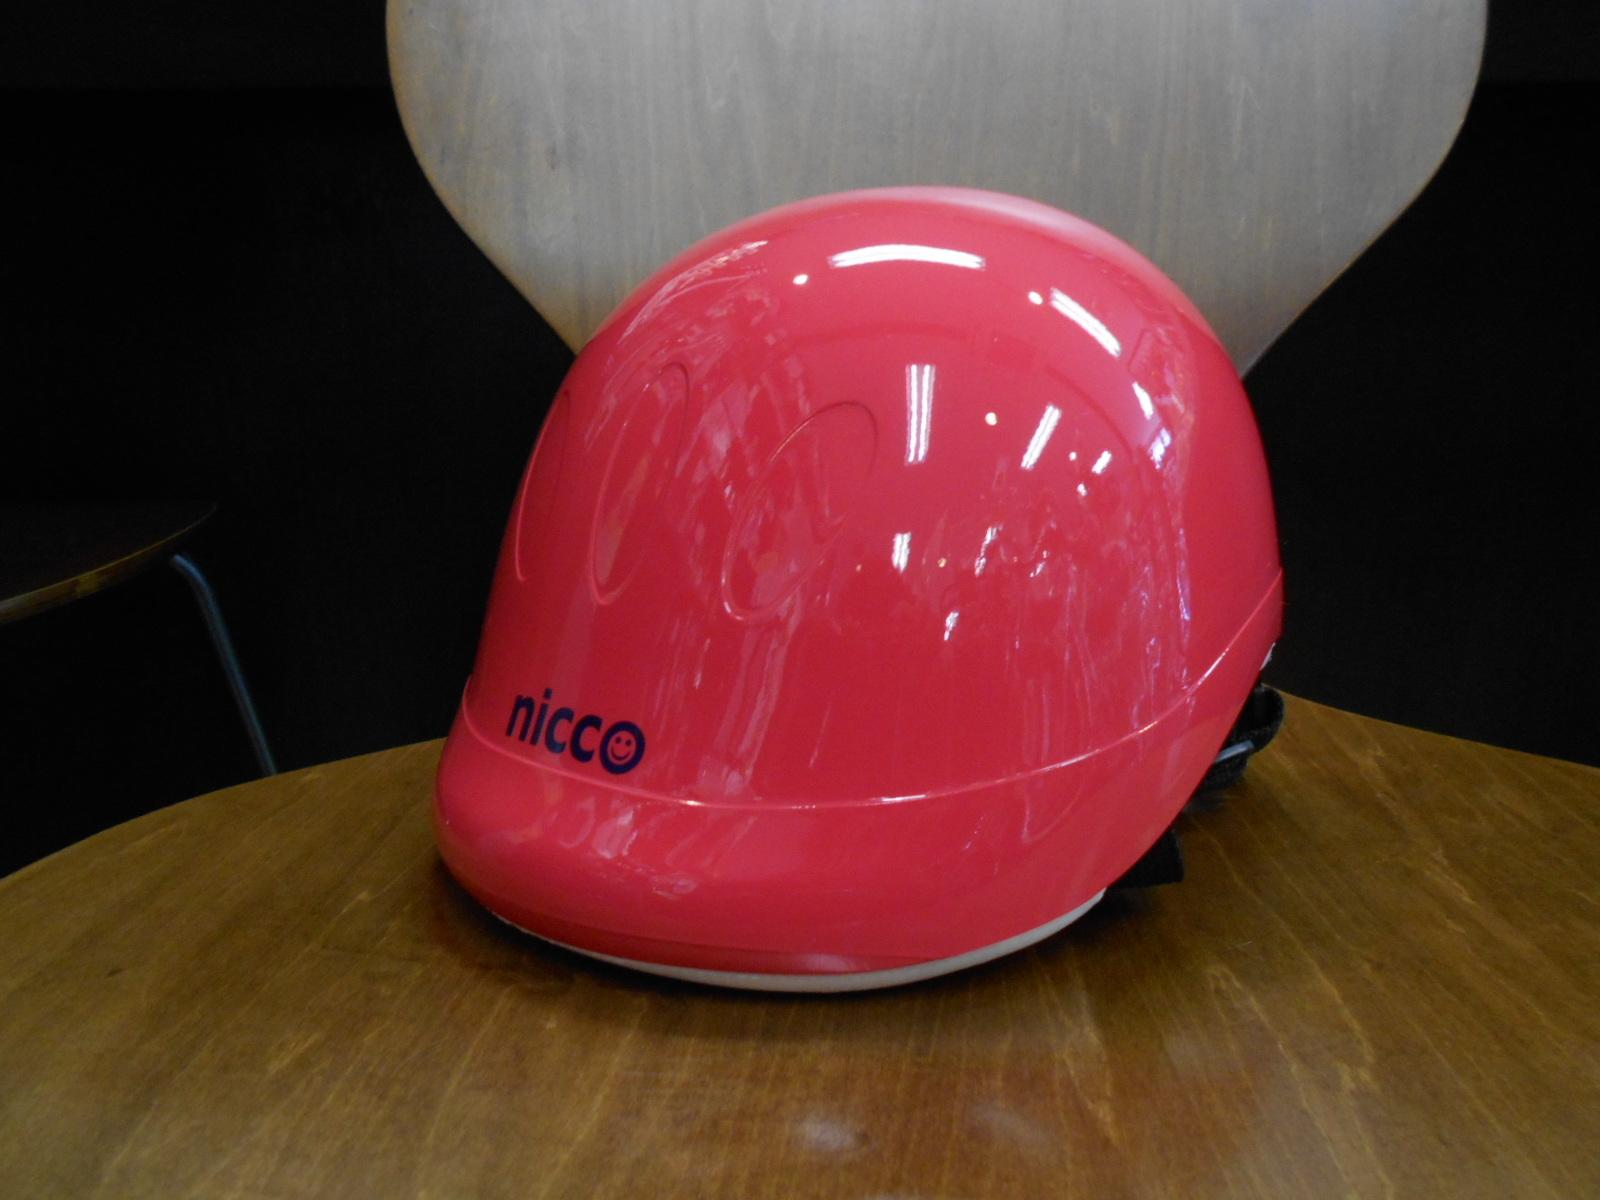 niccoが少量入荷しています_b0189682_12204097.jpg